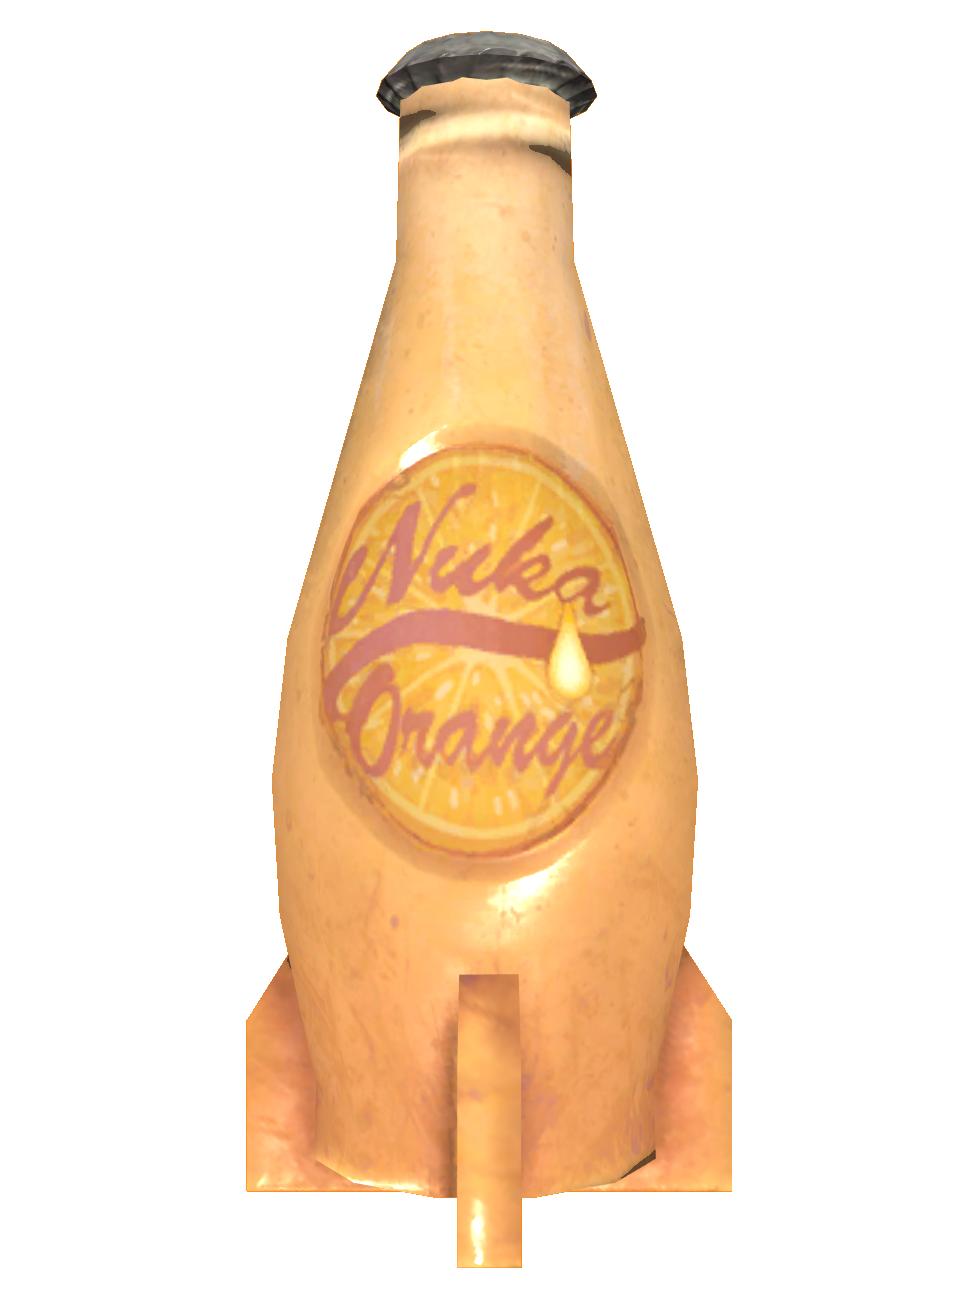 Ice cold Nuka-Cola Orange